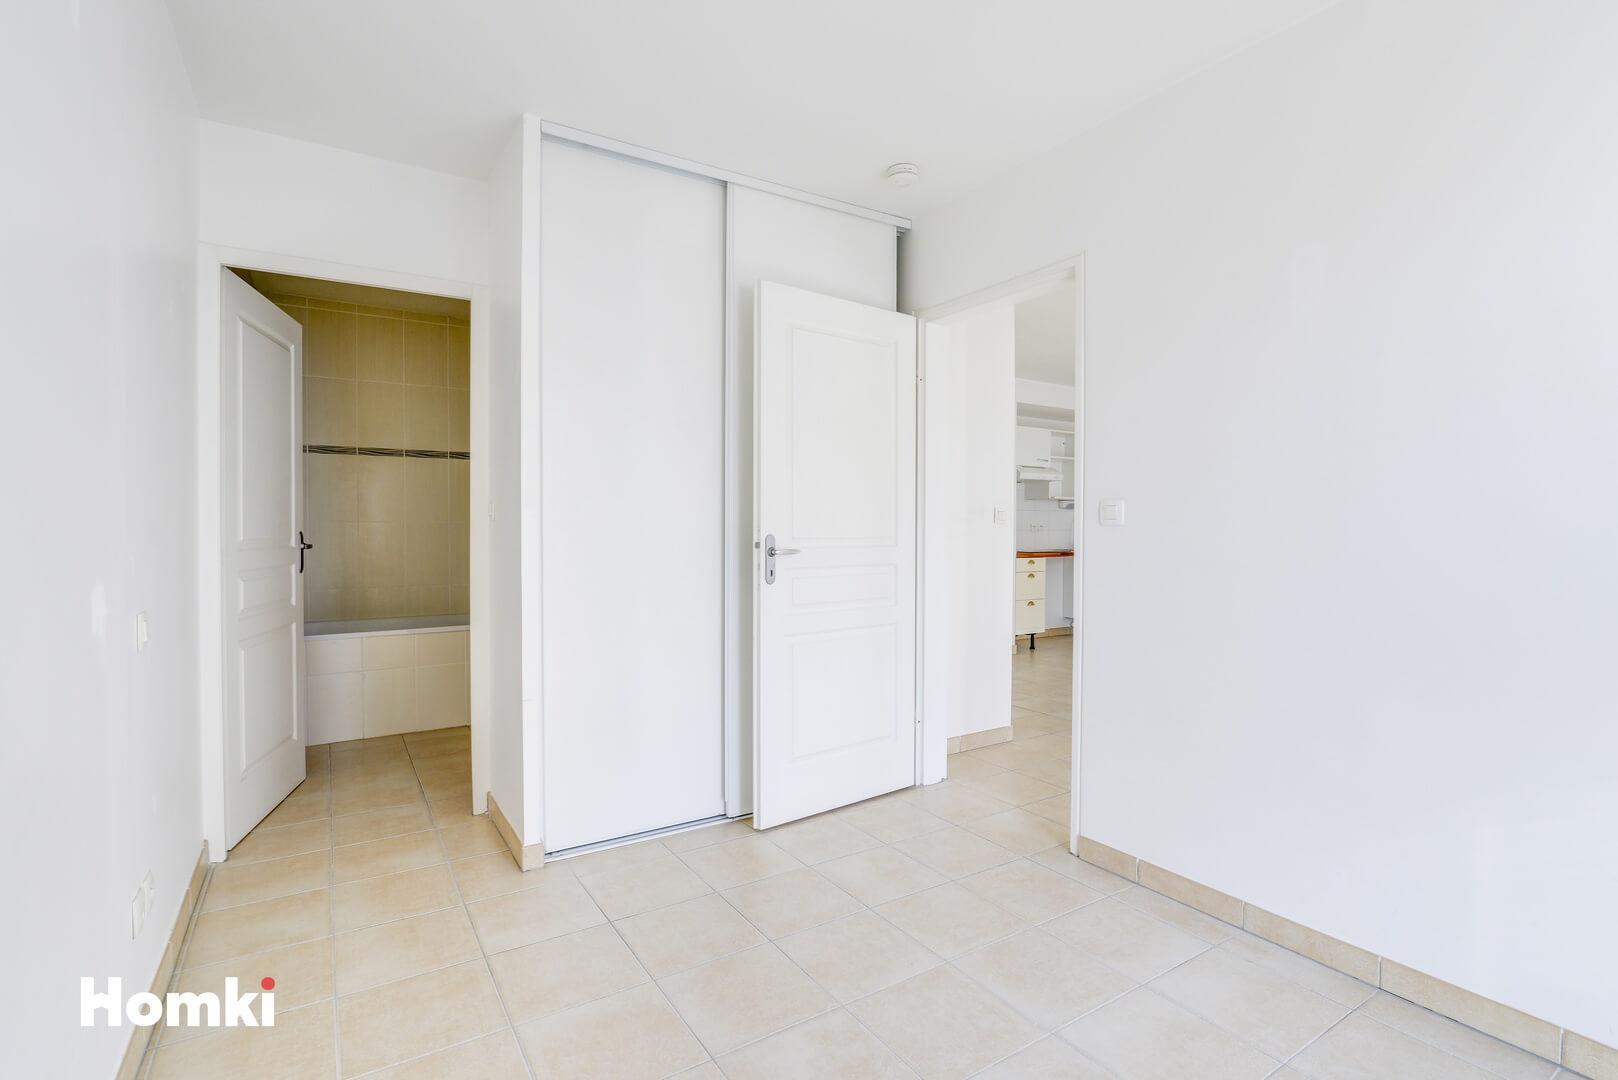 Homki - Vente Appartement  de 58.0 m² à Bordeaux 33000